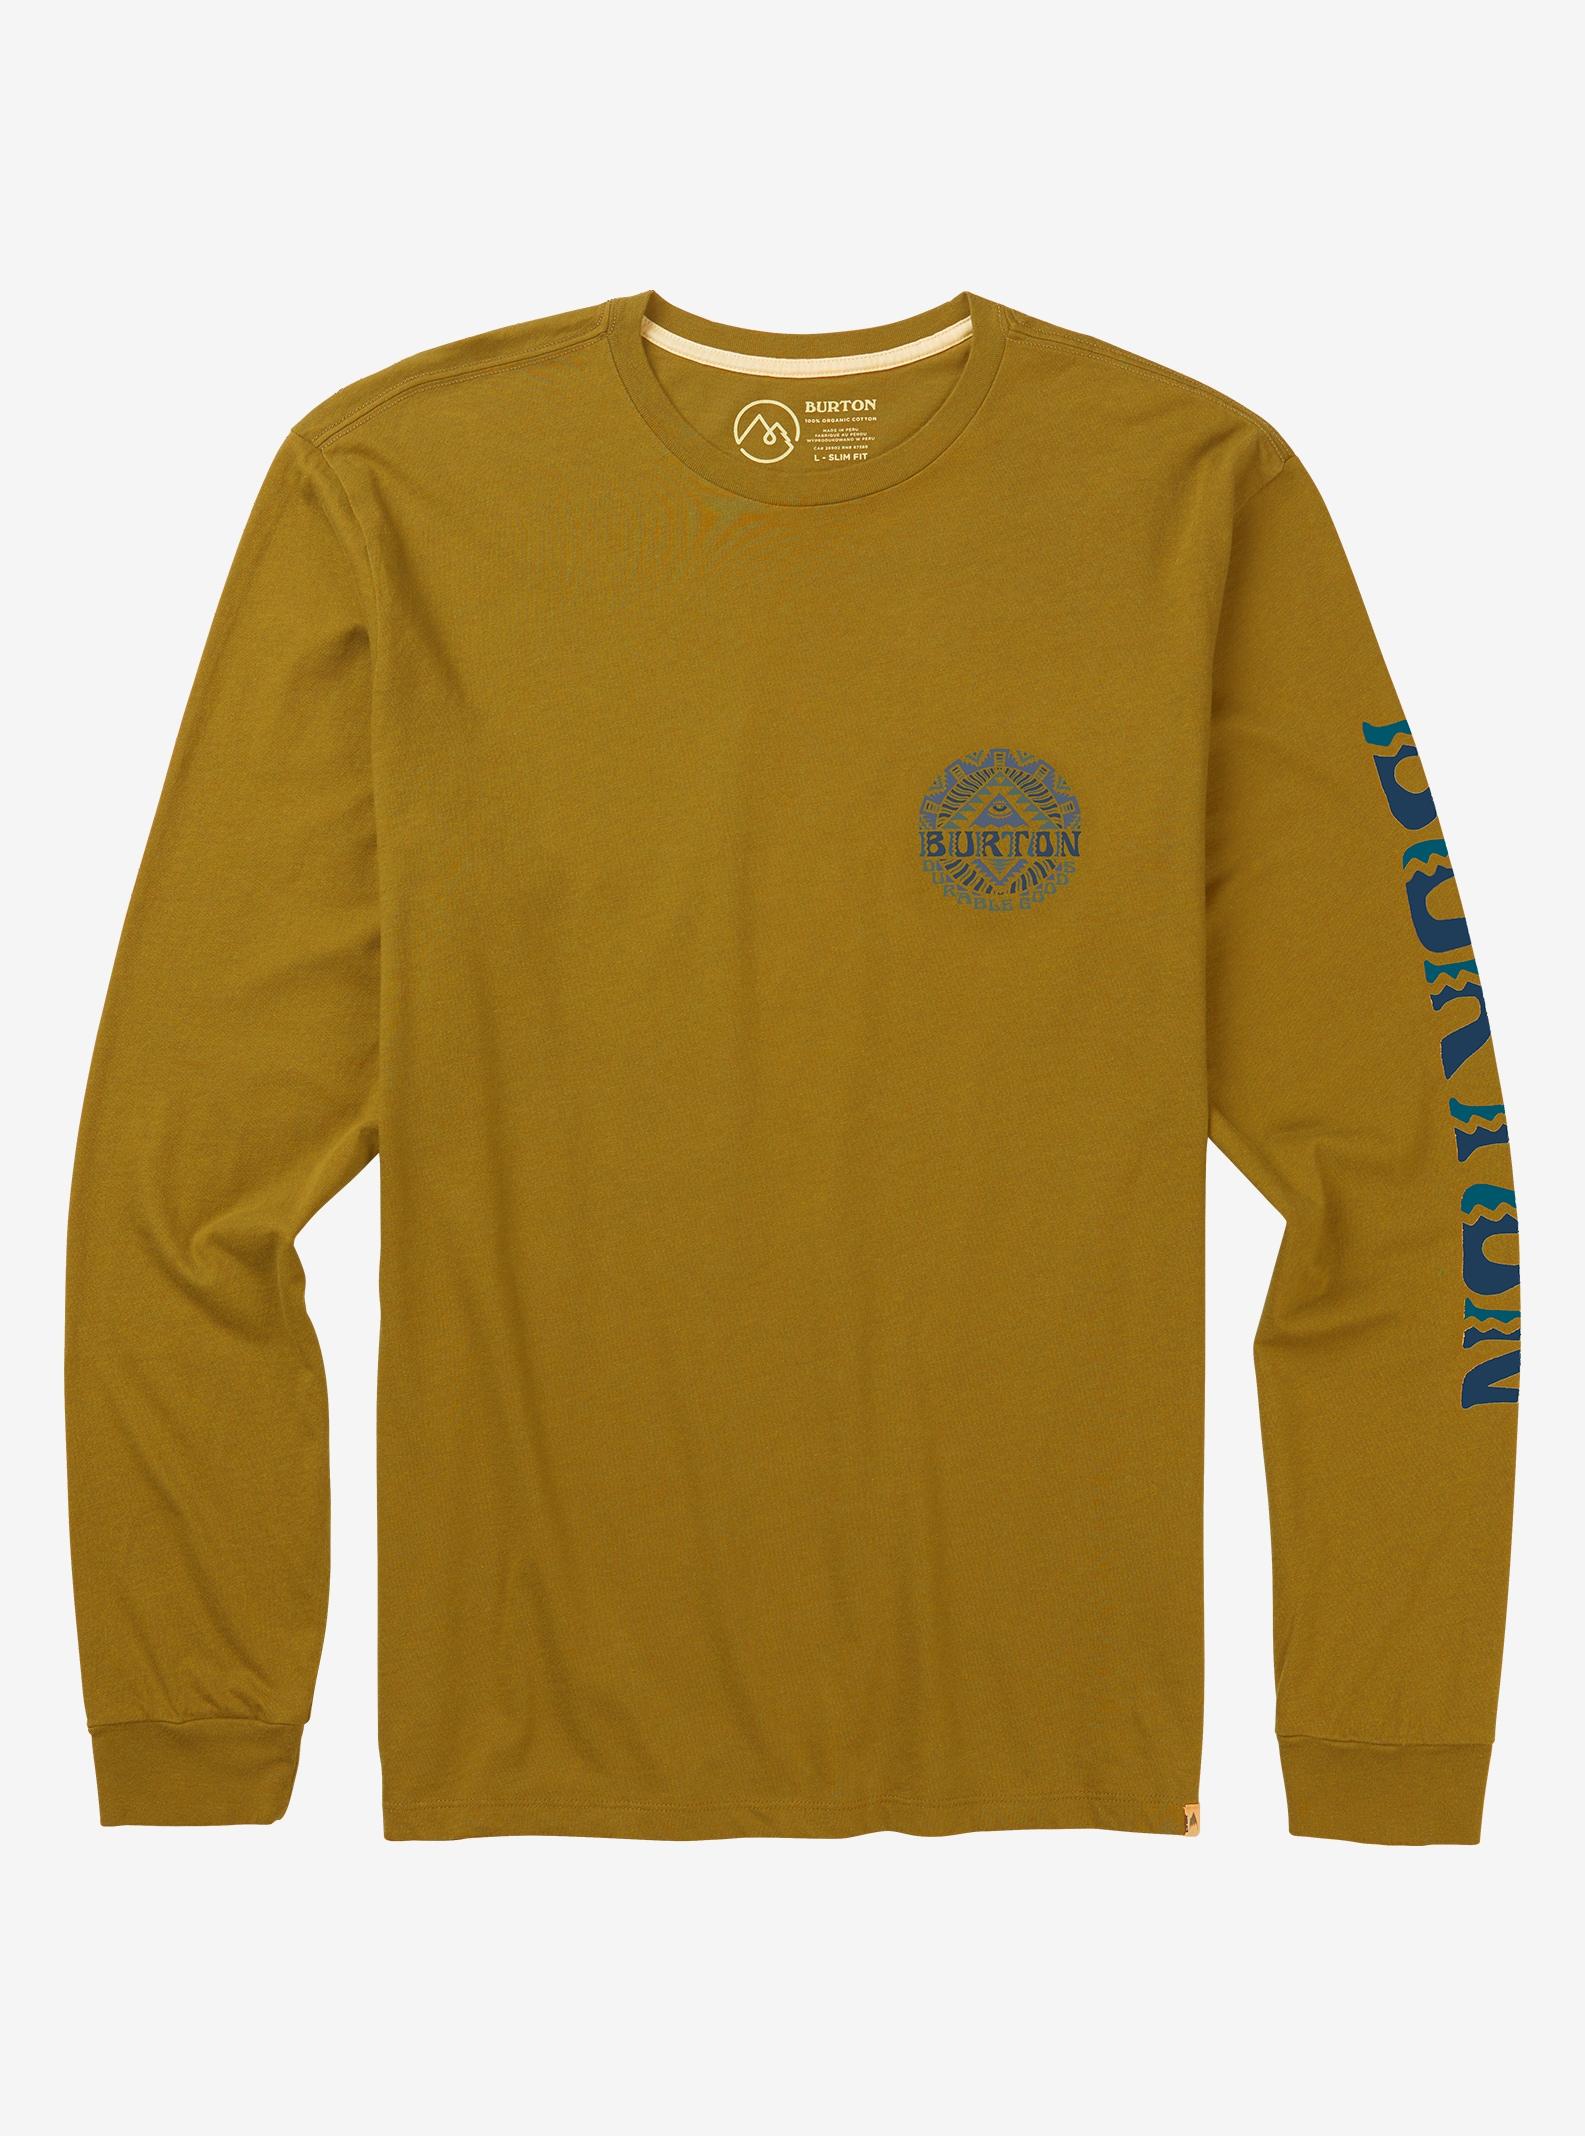 Men's Burton Monterey Long Sleeve T Shirt shown in Harvest Gold